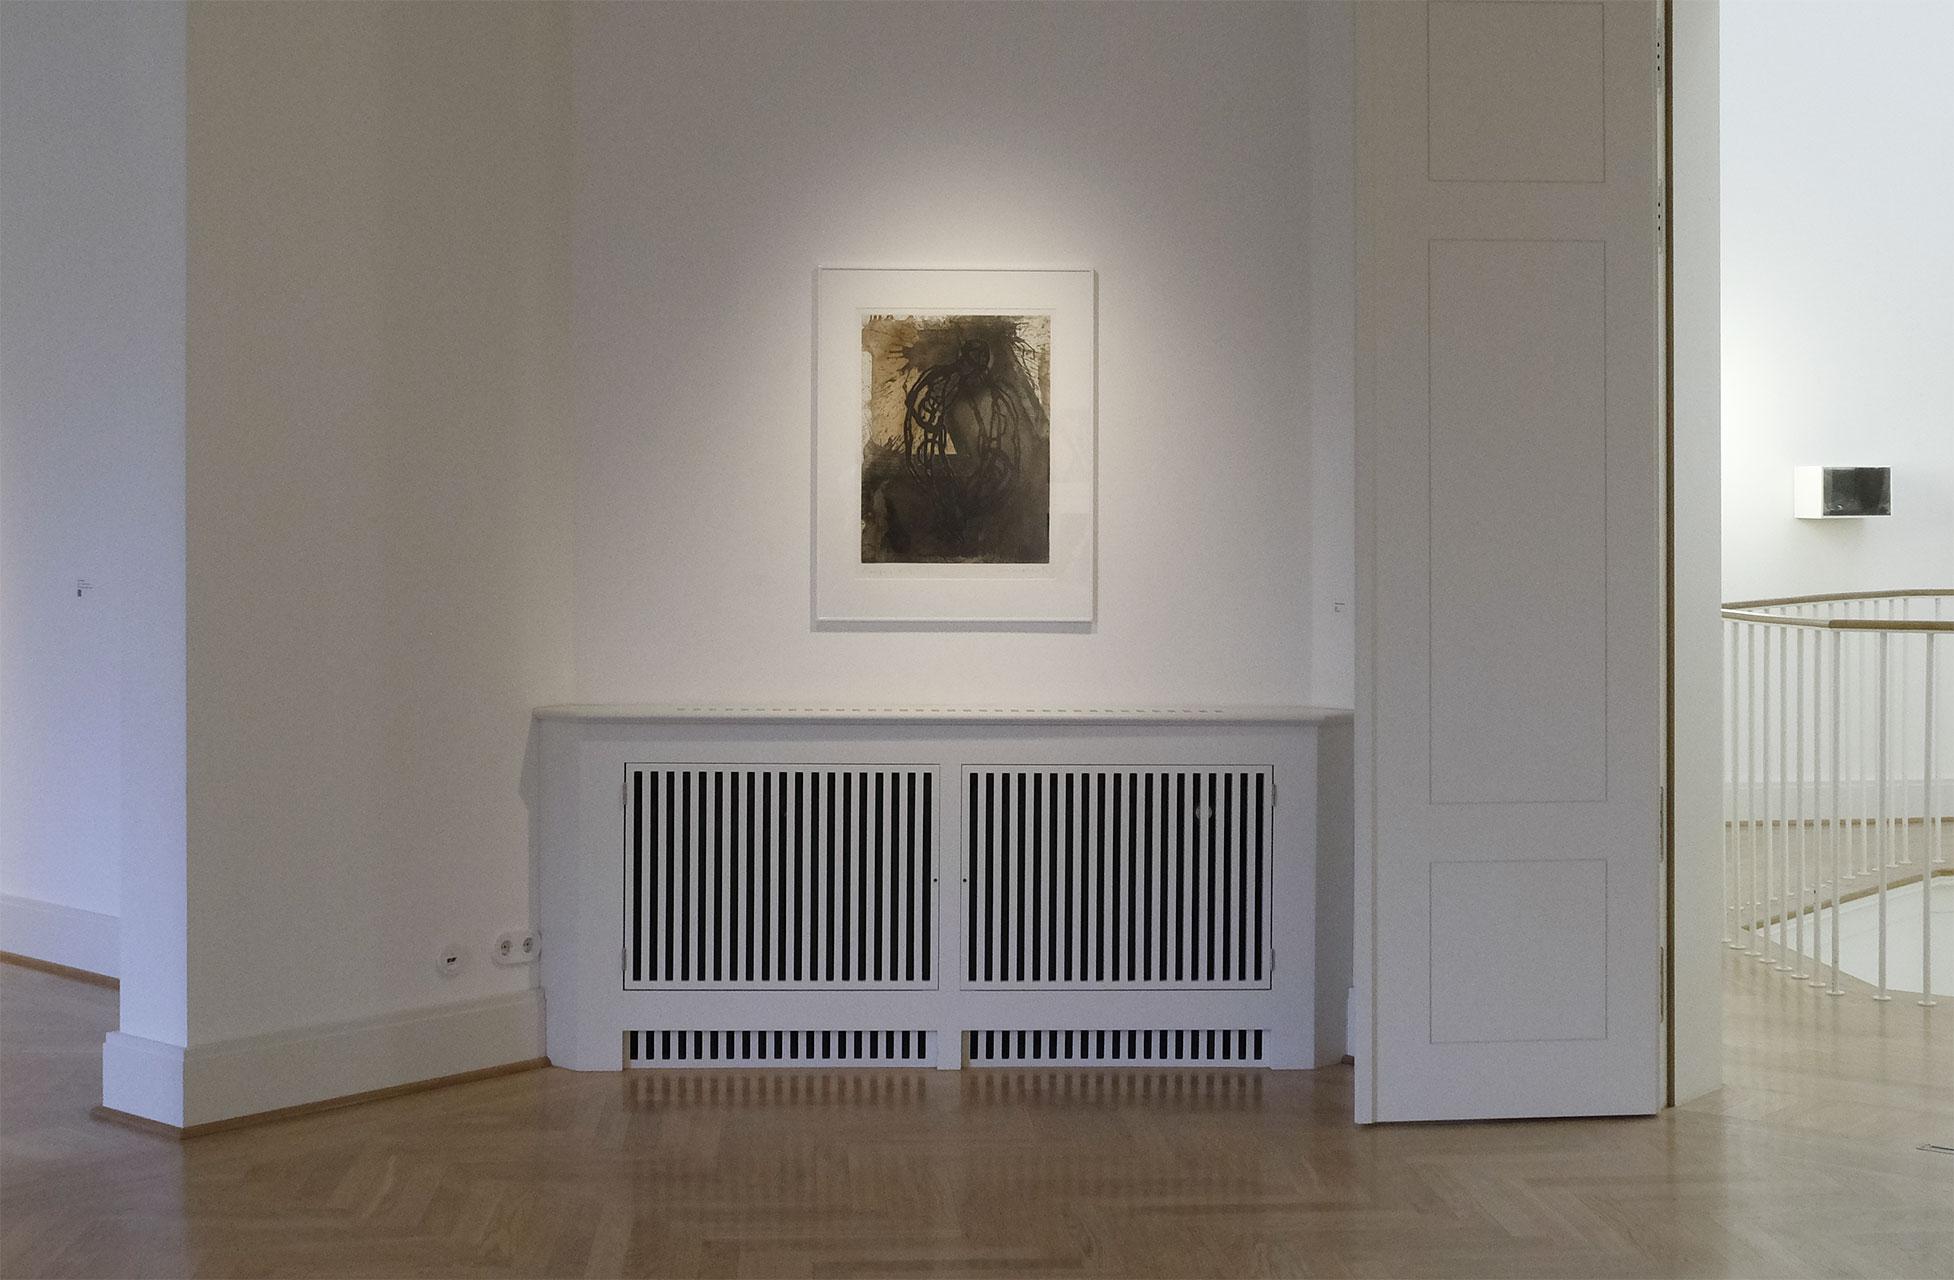 Sehnsucht nach dem Jetzt. Ausstellung im Schloss Biesdorf. Raum 1.11 Michael Morgner.